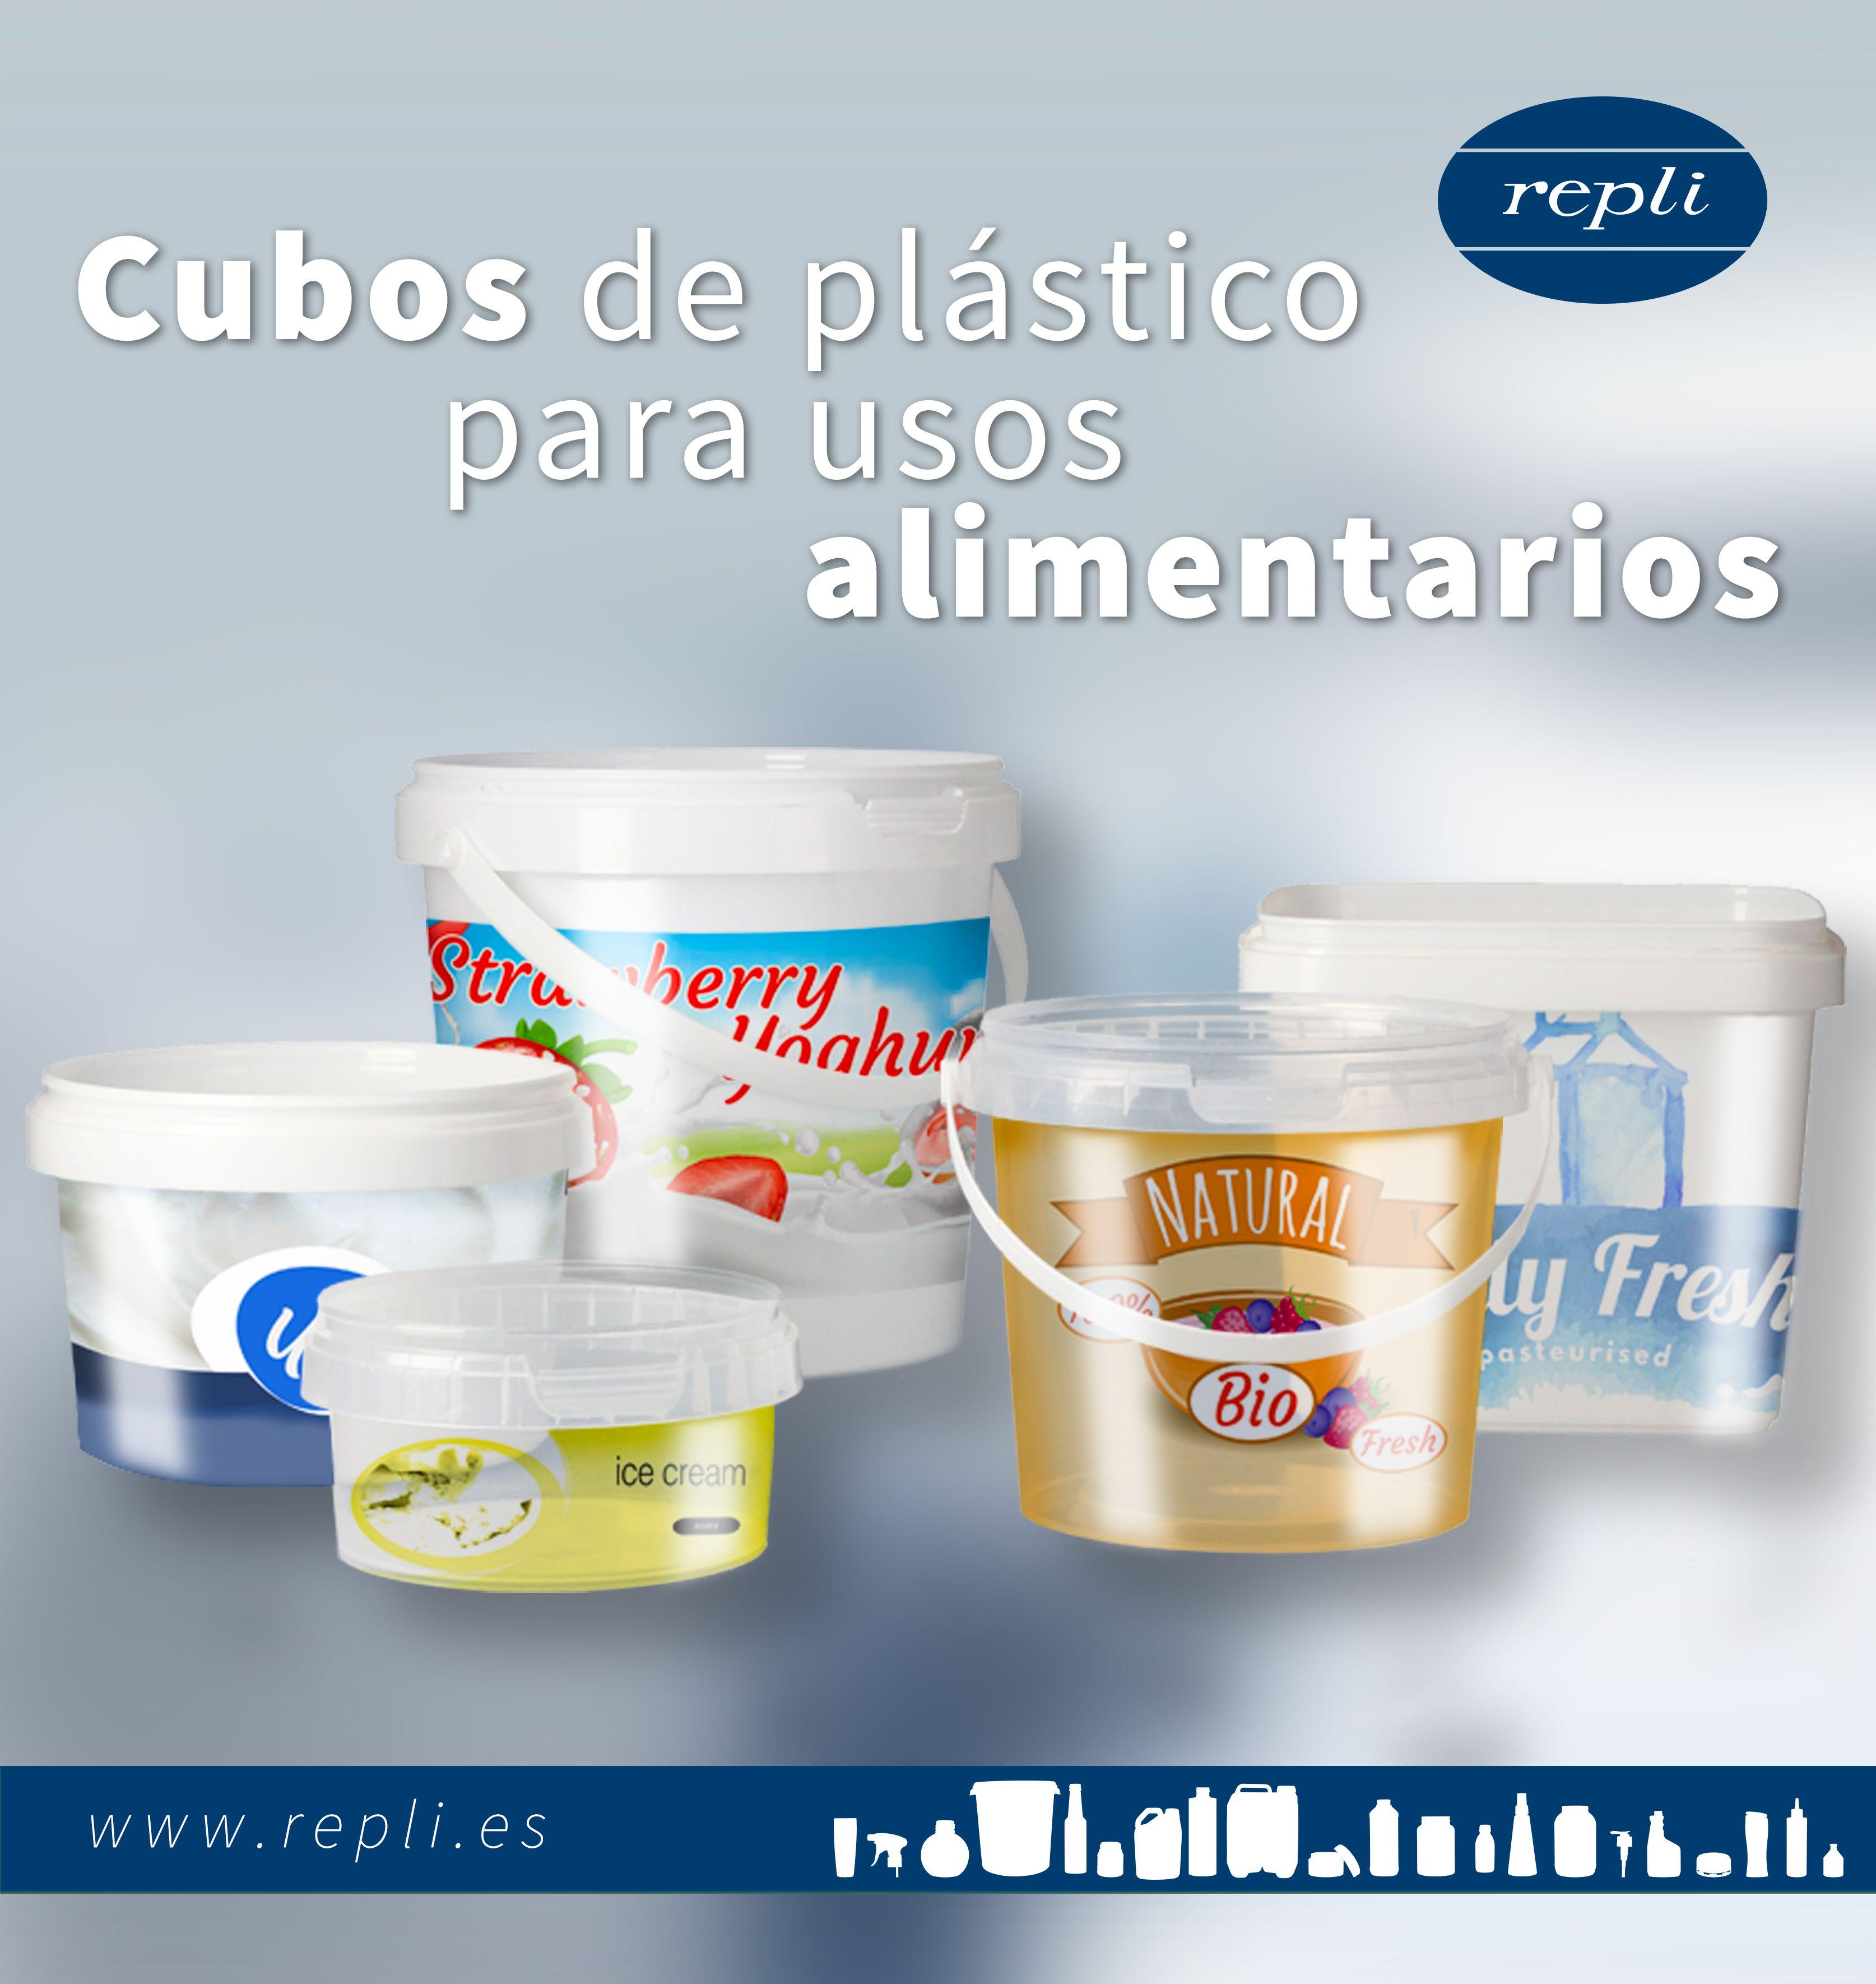 Una Amplia Gama De Cubos Para Uso Alimentario Cubos De Plastico